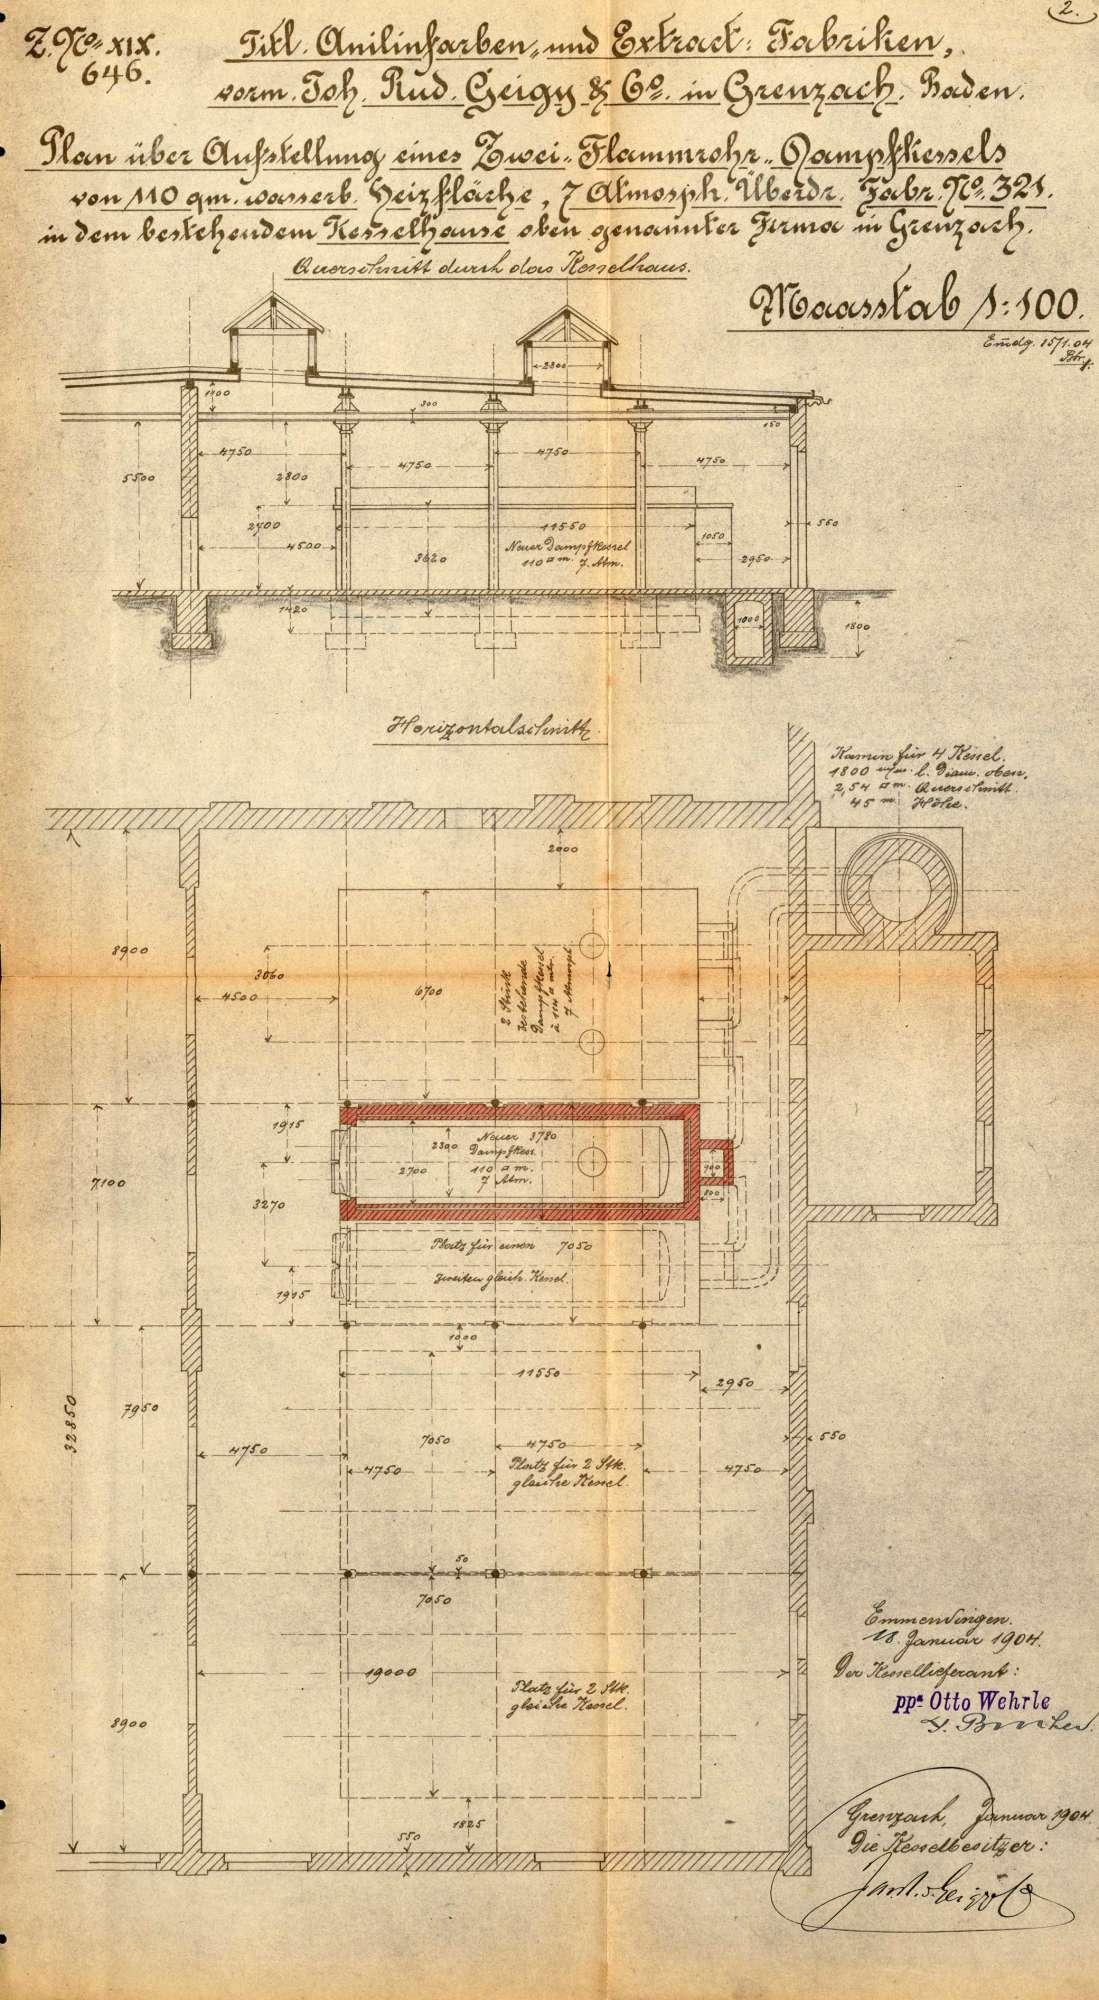 Gesuch der Fa. J. R. Geigy & Cie in Grenzach um Erlaubnis zur Anlegung eines Dampfkessels, Bild 2